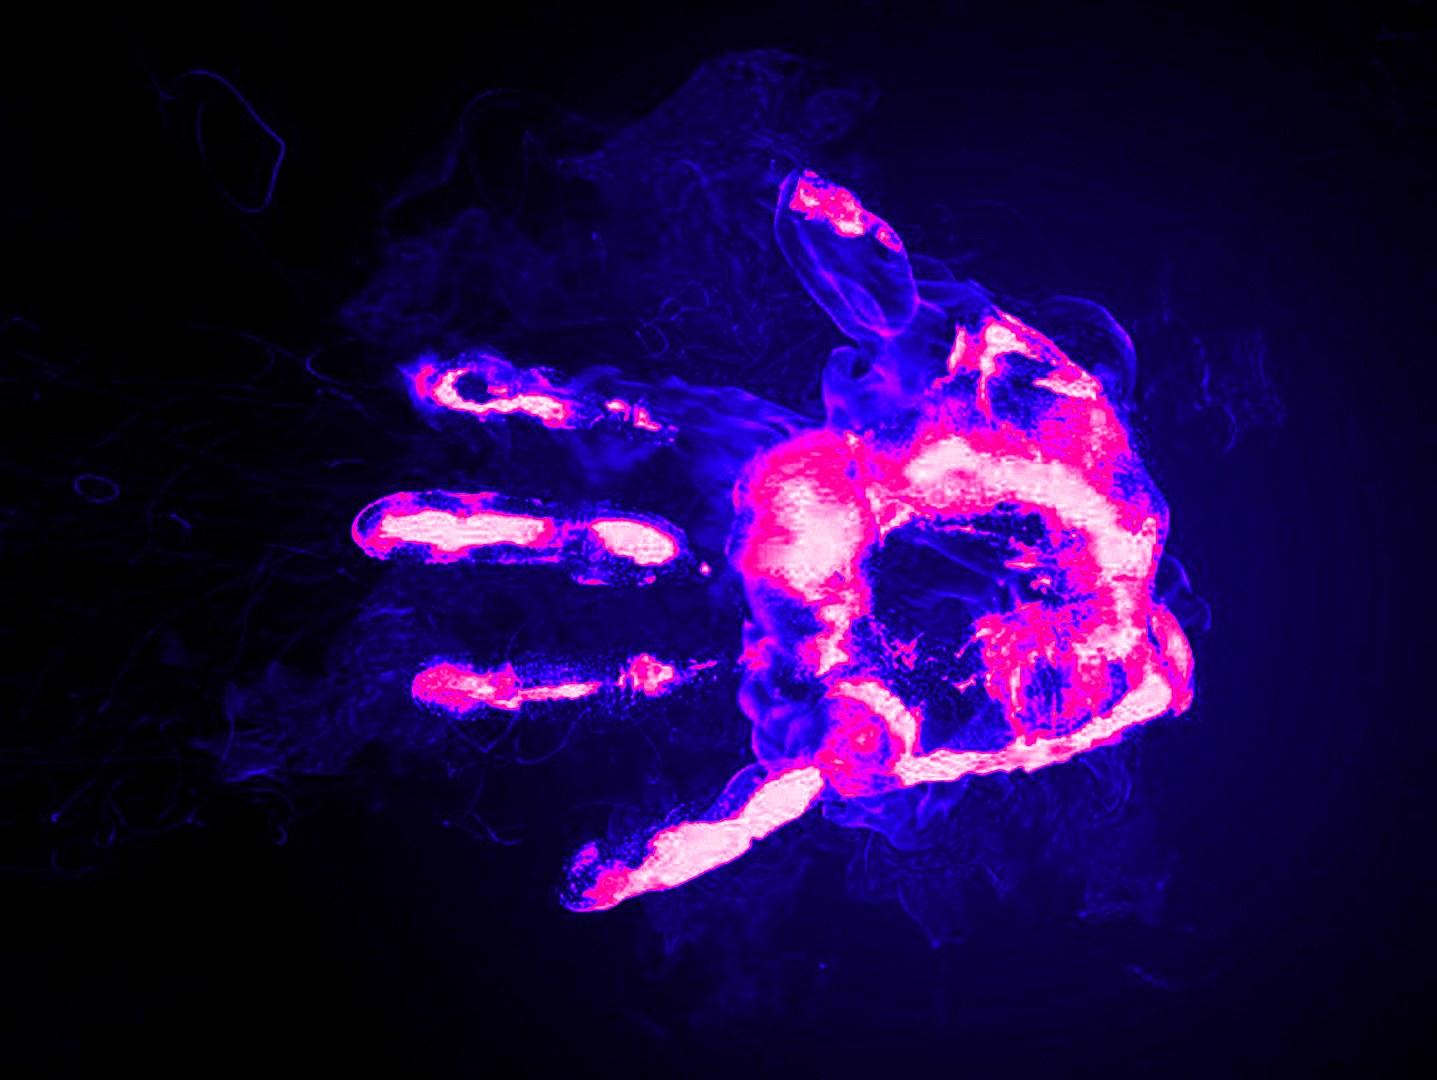 рука и энергия чакр. настоящая практика телекинеза. осознанный сон и уроки информационных сущностей